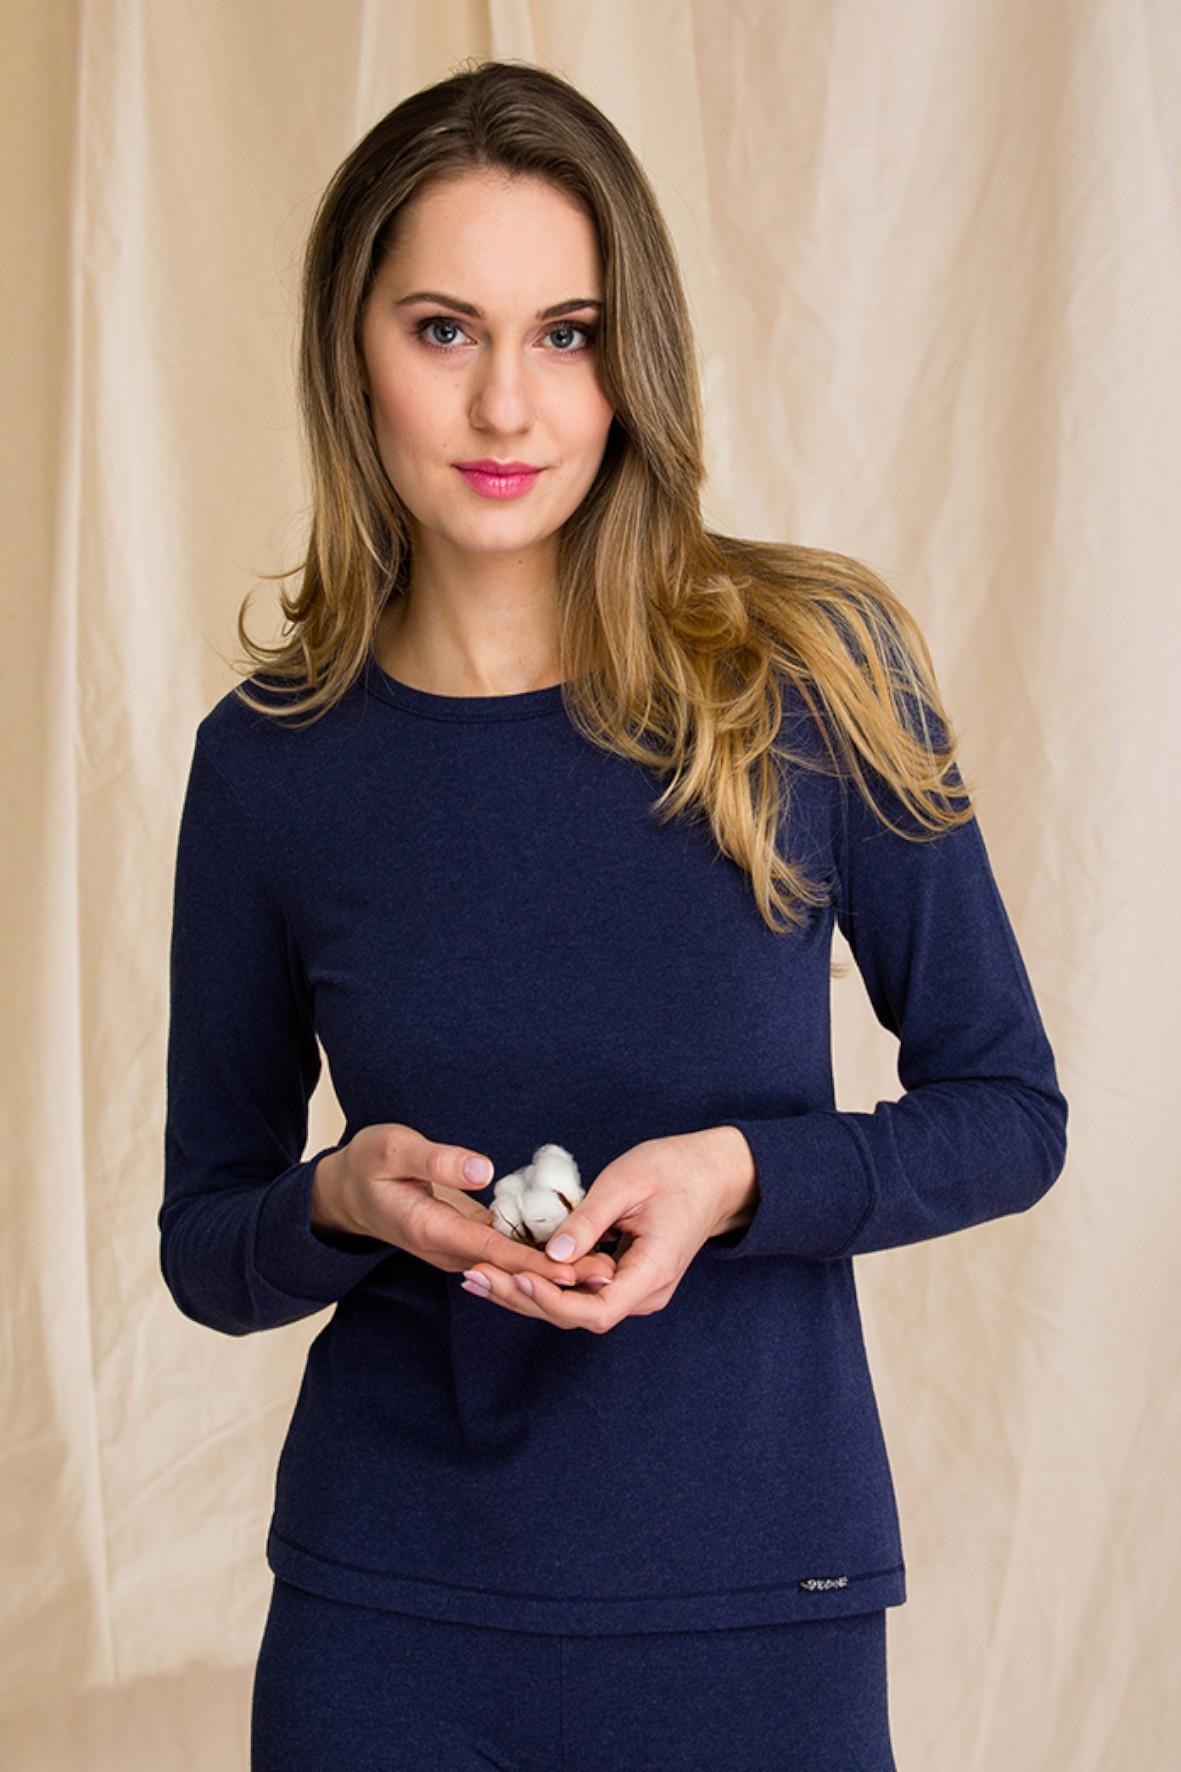 Ciepła bielizna Key – Hot touch – podkoszulek damski z długim rękawem - granatowy